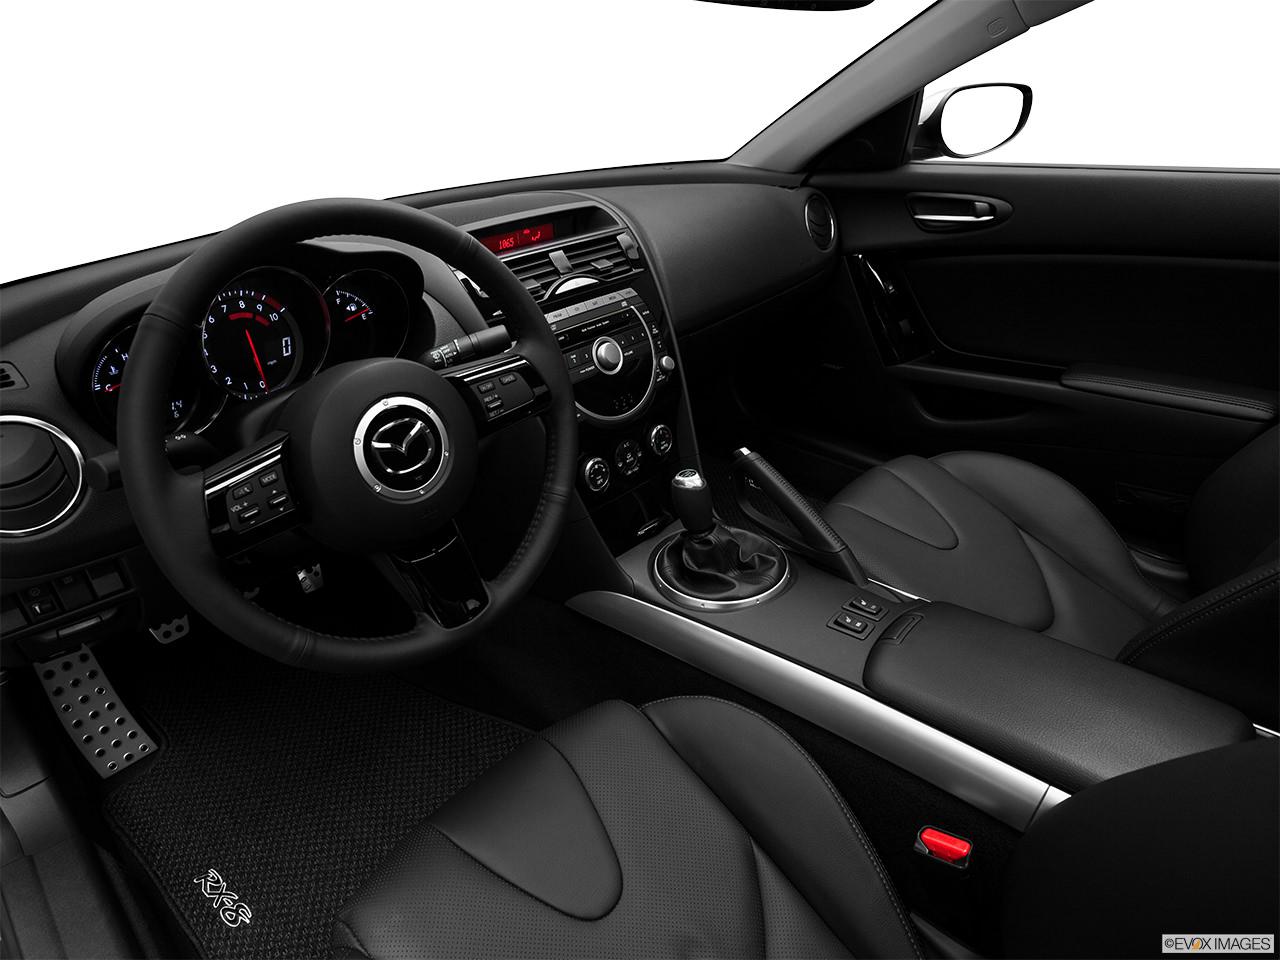 Mazda rx-8 2011 interior